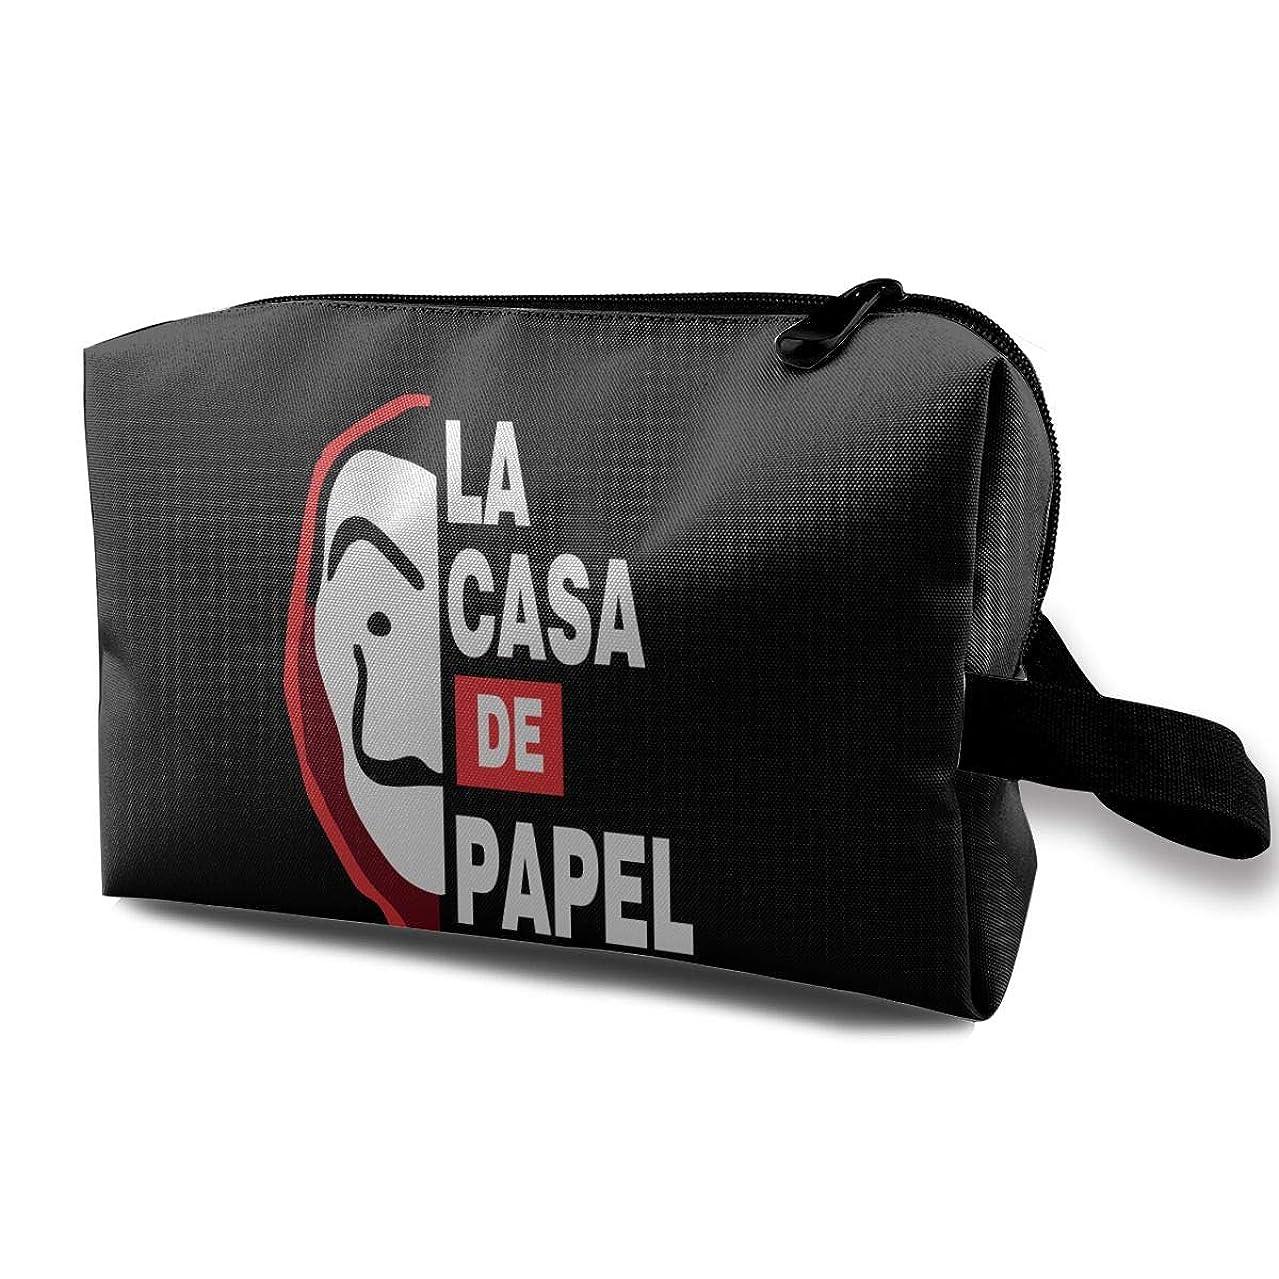 朝アプローチ忠実ペーパーハウス La Casa De Papel コスメバッグ 収納箱 洗面用具バッグ 化粧品収納 化粧道具入れ ジッパー付き 大容量 多機能 持ち運び便利 自宅 出張 男女兼用